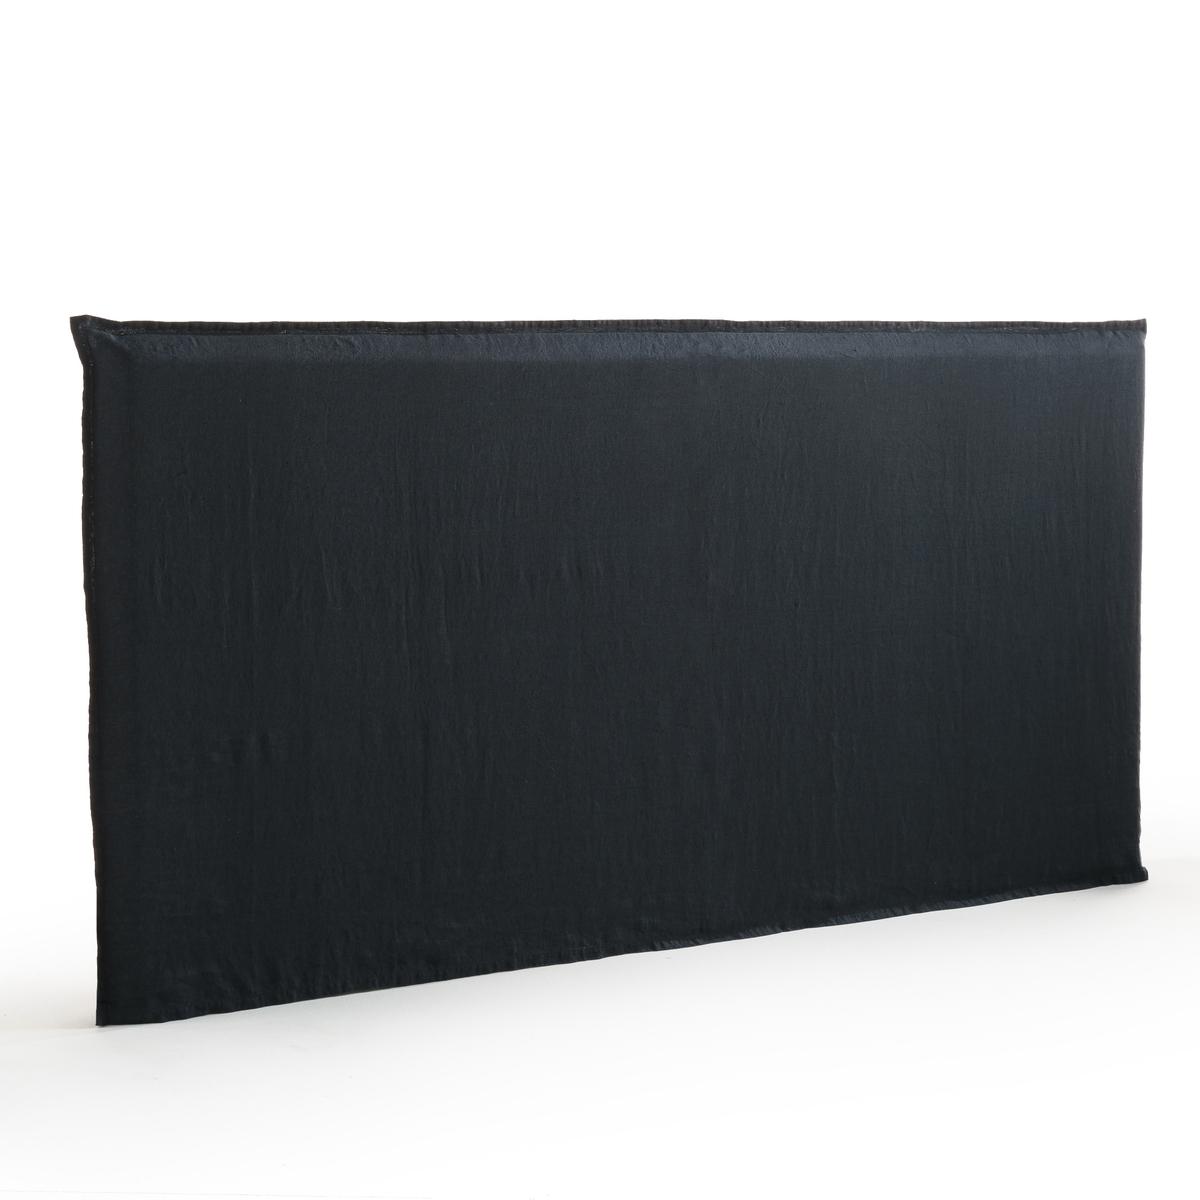 Чехол La Redoute Из стиранного льна для изголовья кровати XL Sandor единый размер серый изголовье la redoute для кровати в см размер xl sandor 180 см белый